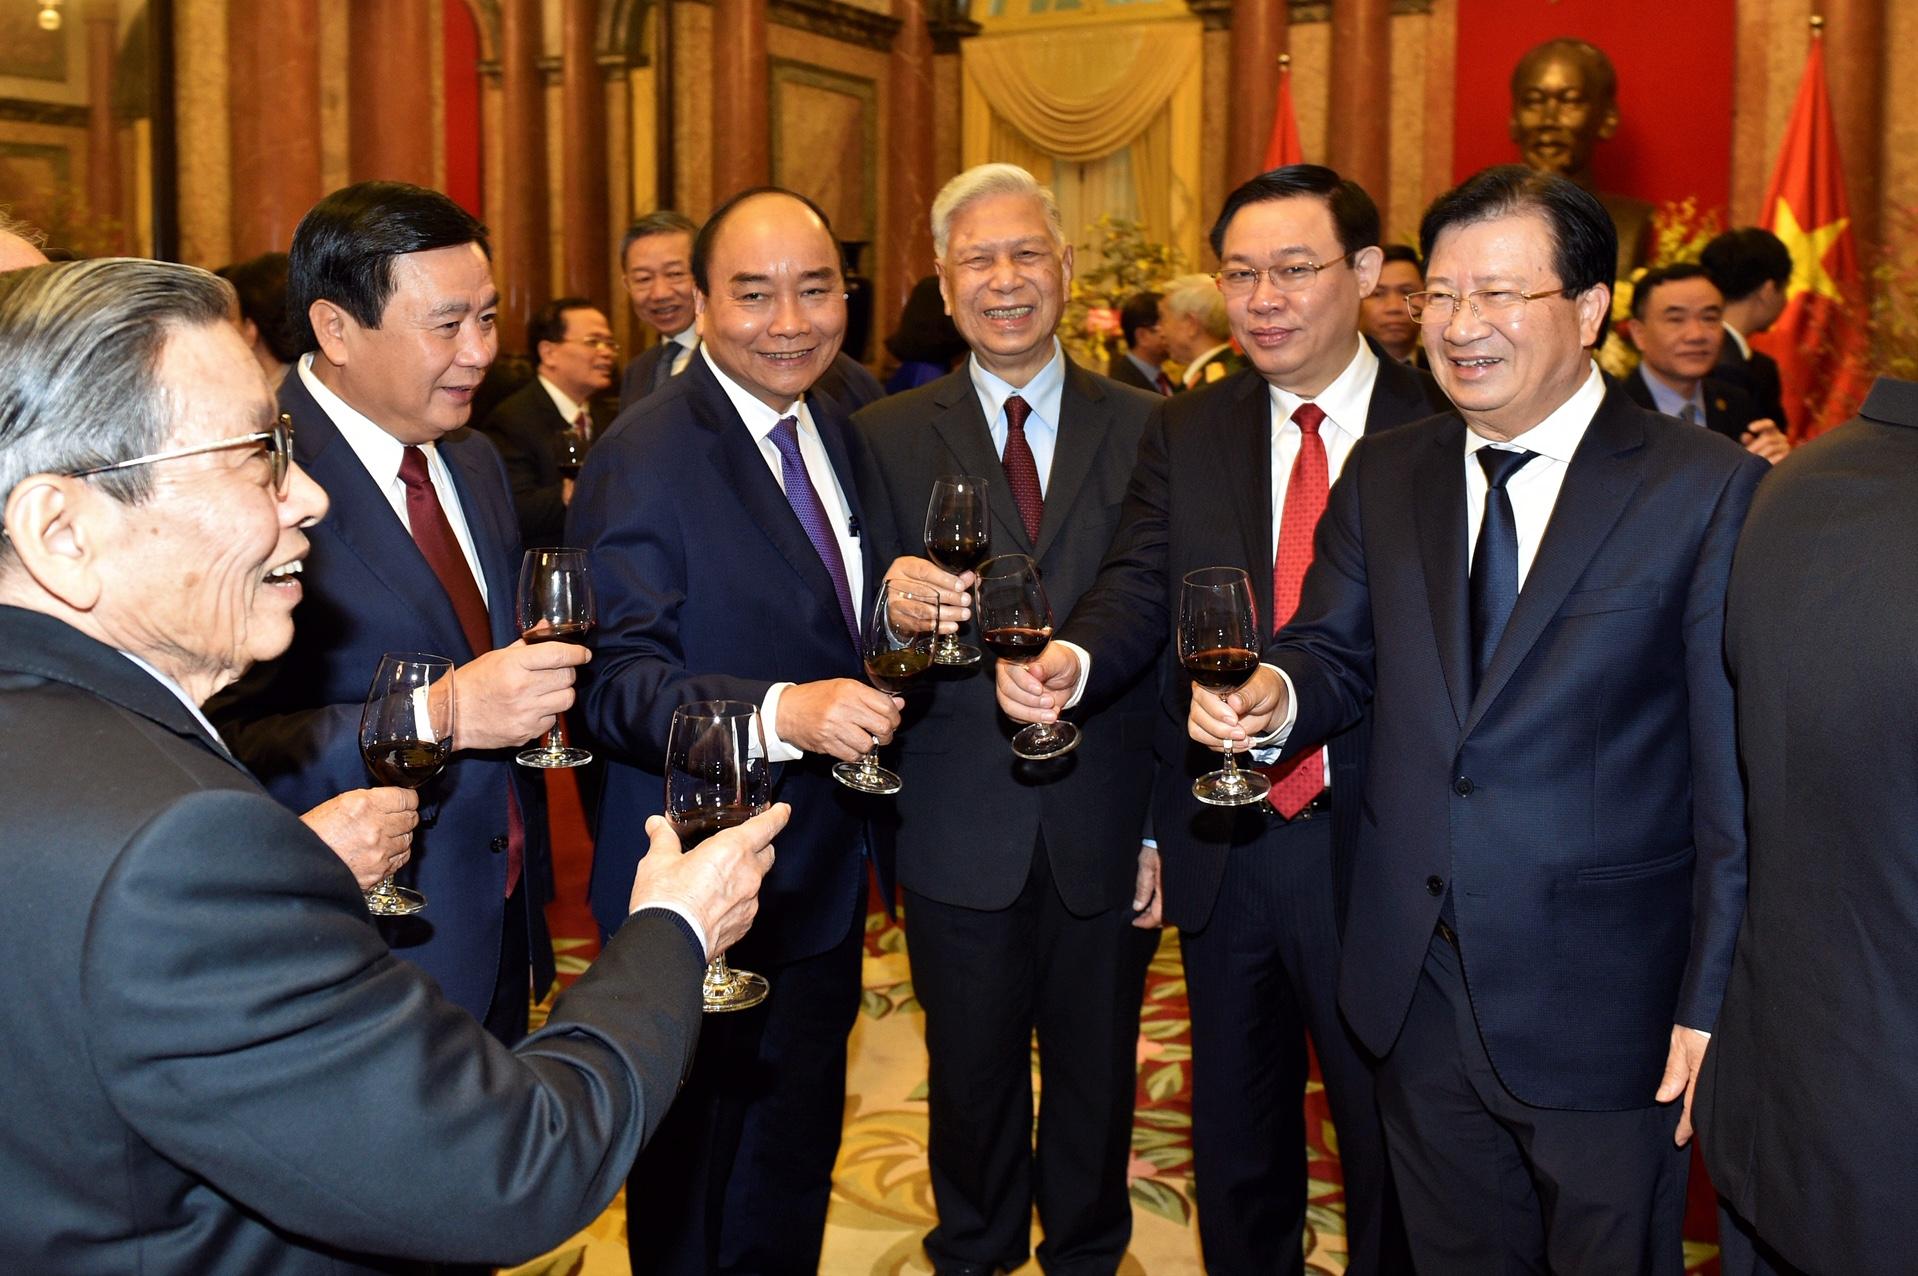 Thủ tướng Nguyễn Xuân Phúc và các đồng chí lãnh đạo, nguyên lãnh đạo Đảng, Nhà nước tại buổi gặp mặt. Ảnh: VGP/Nhật Bắc